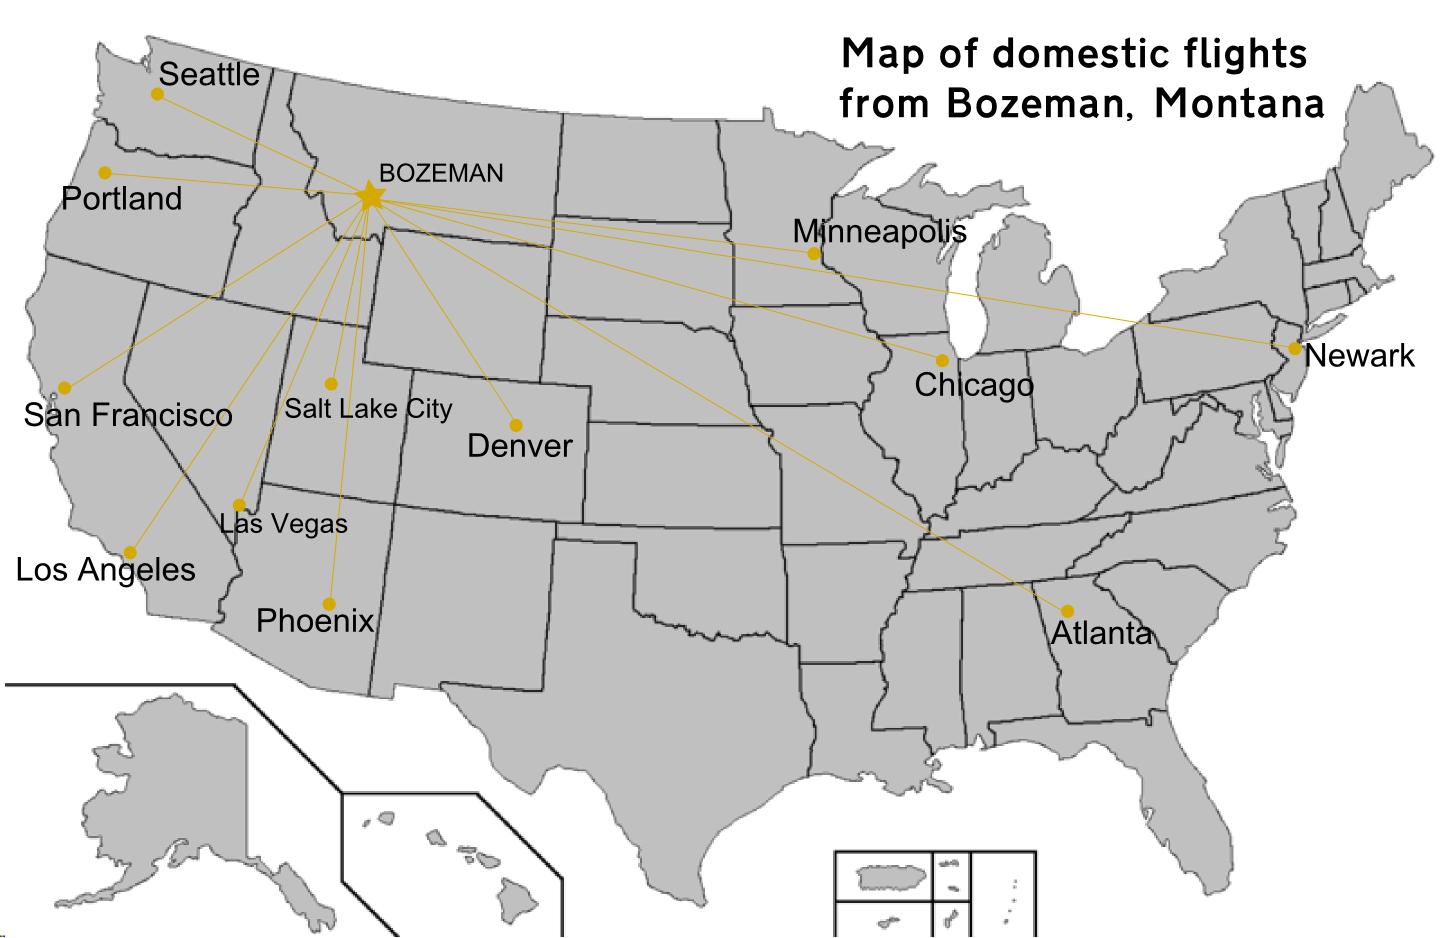 Bozeman Montana Map File:Map of domestic flights from Bozeman, Montana.png   Wikimedia  Bozeman Montana Map